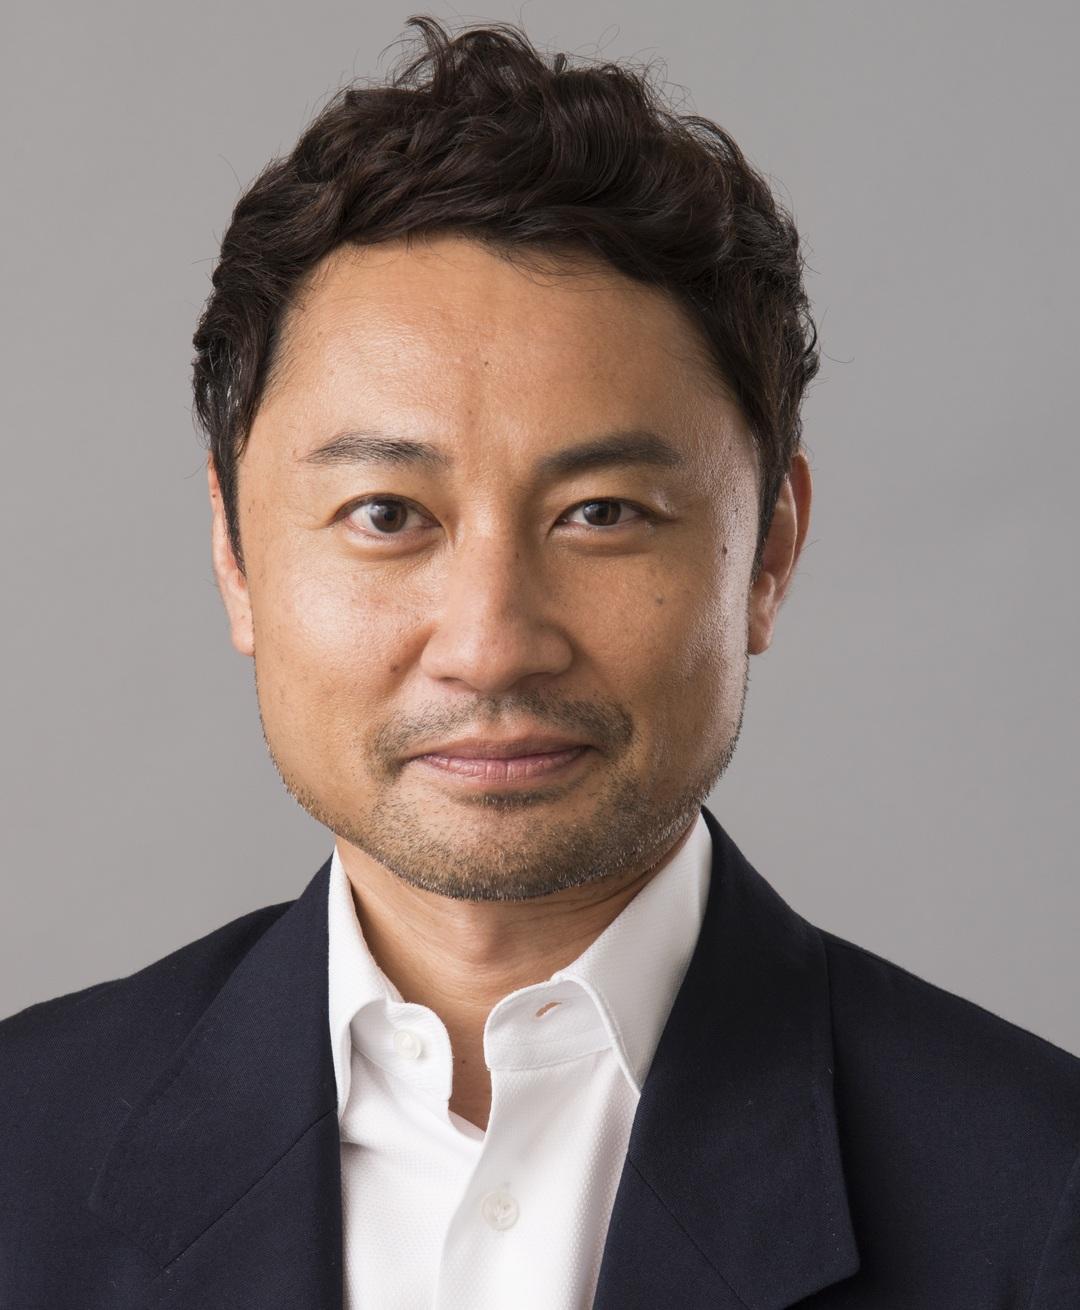 「和魂洋才」が変える日本の空気<br />~「コミュニケーション技術後進国」としての日本